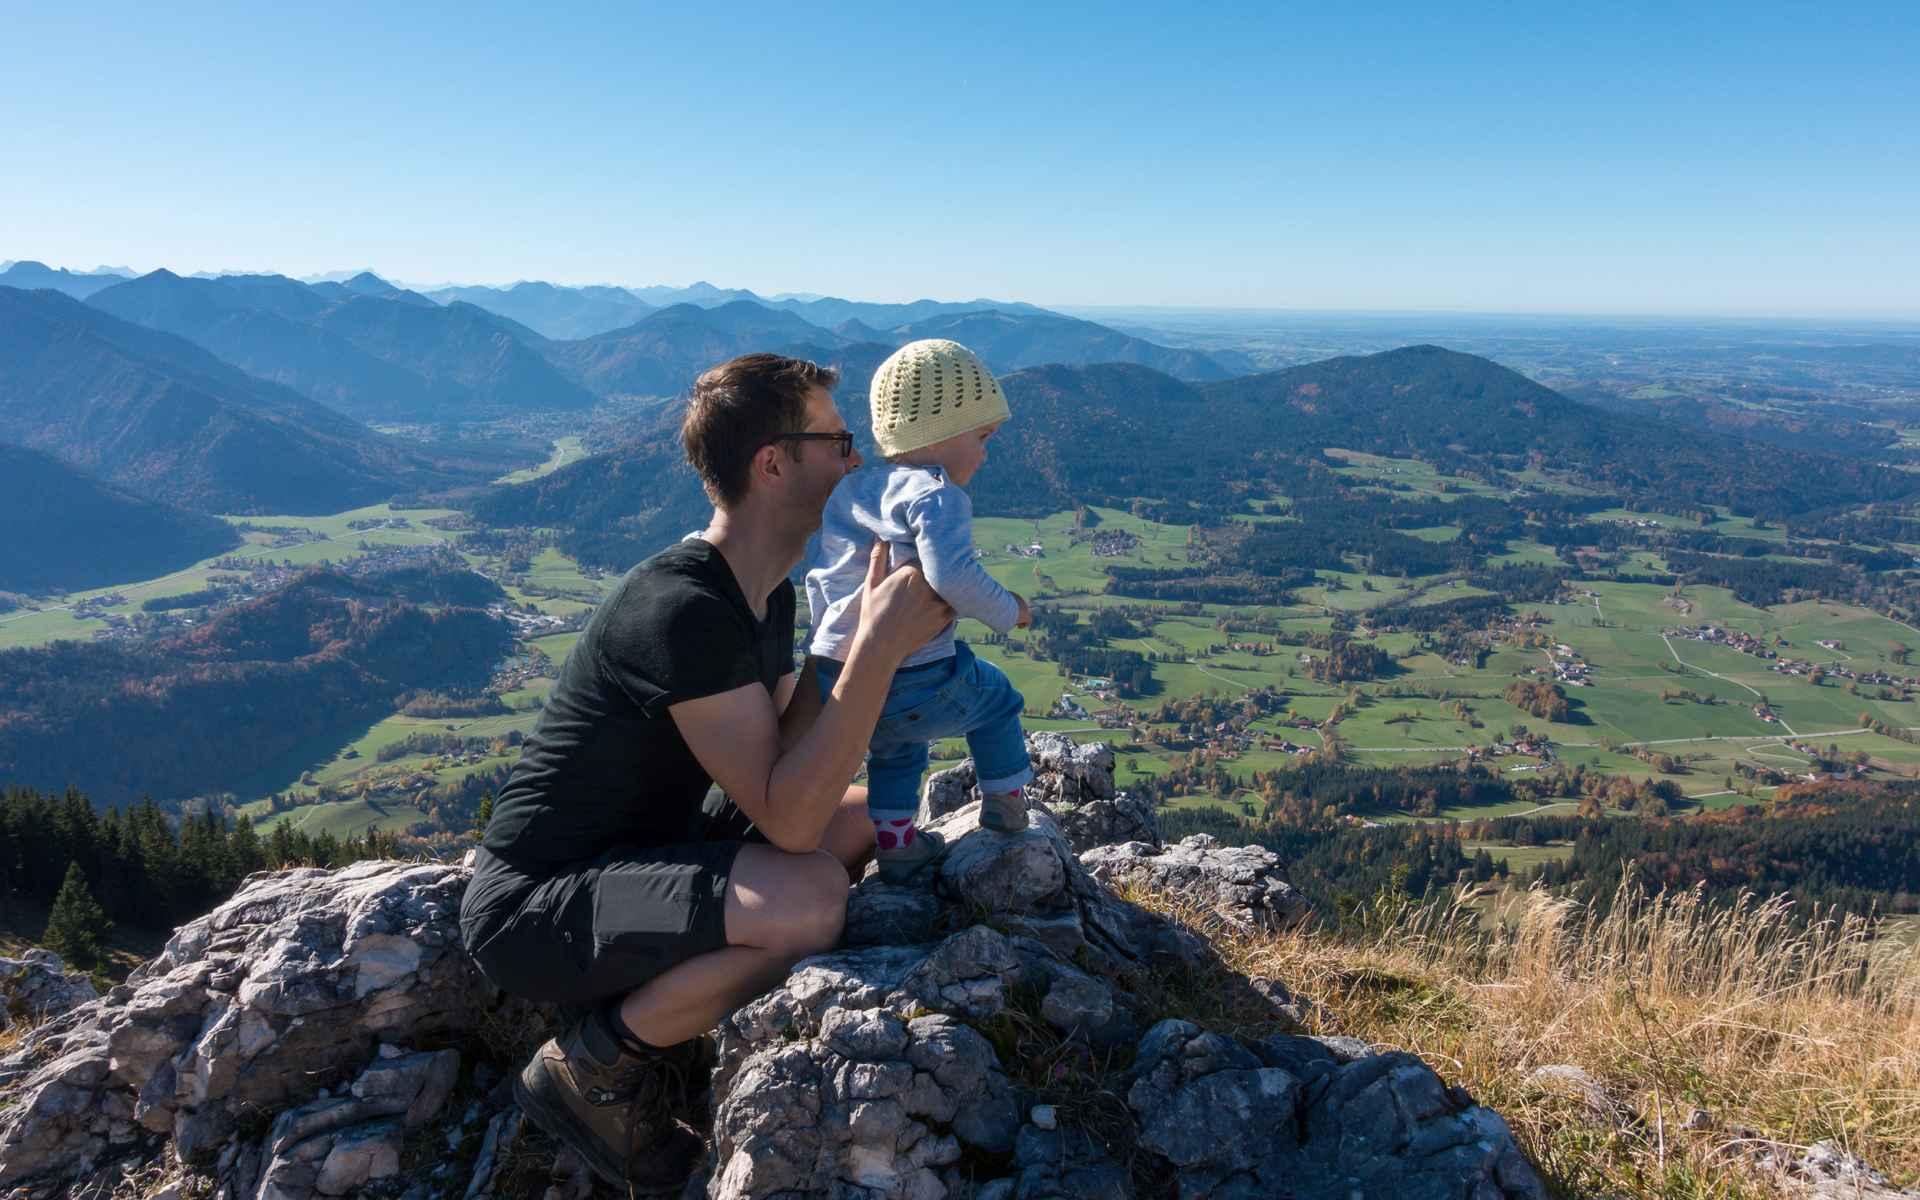 « Nous aimons voyager et nous souhaitons faire découvrir la beauté et la diversité du monde à nos enfants afin qu'ils le préservent plus tard. »